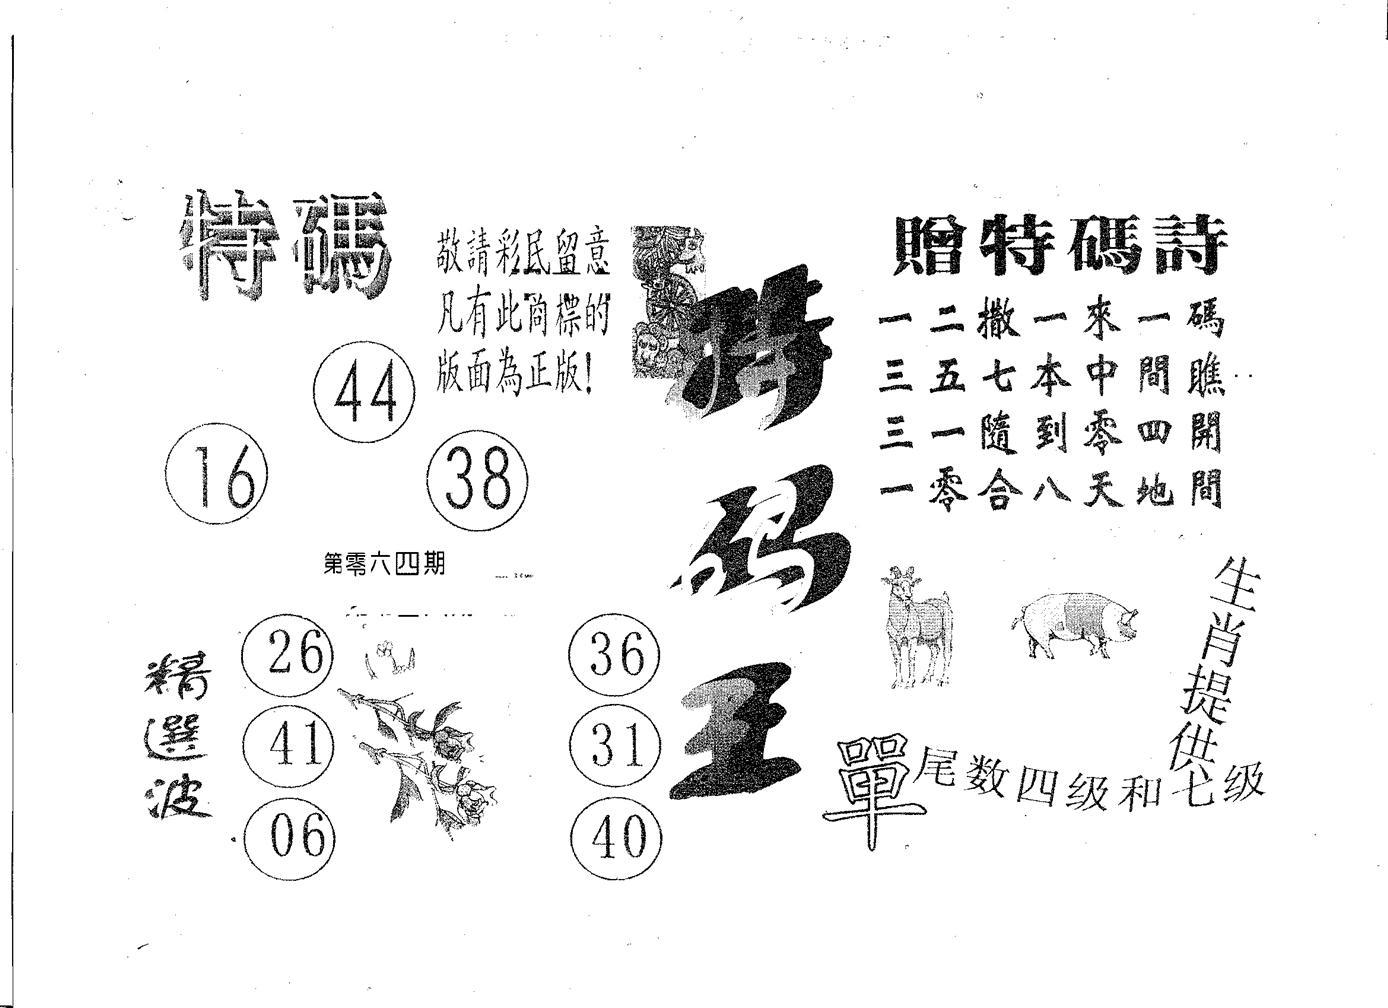 064期特码王A(黑白)